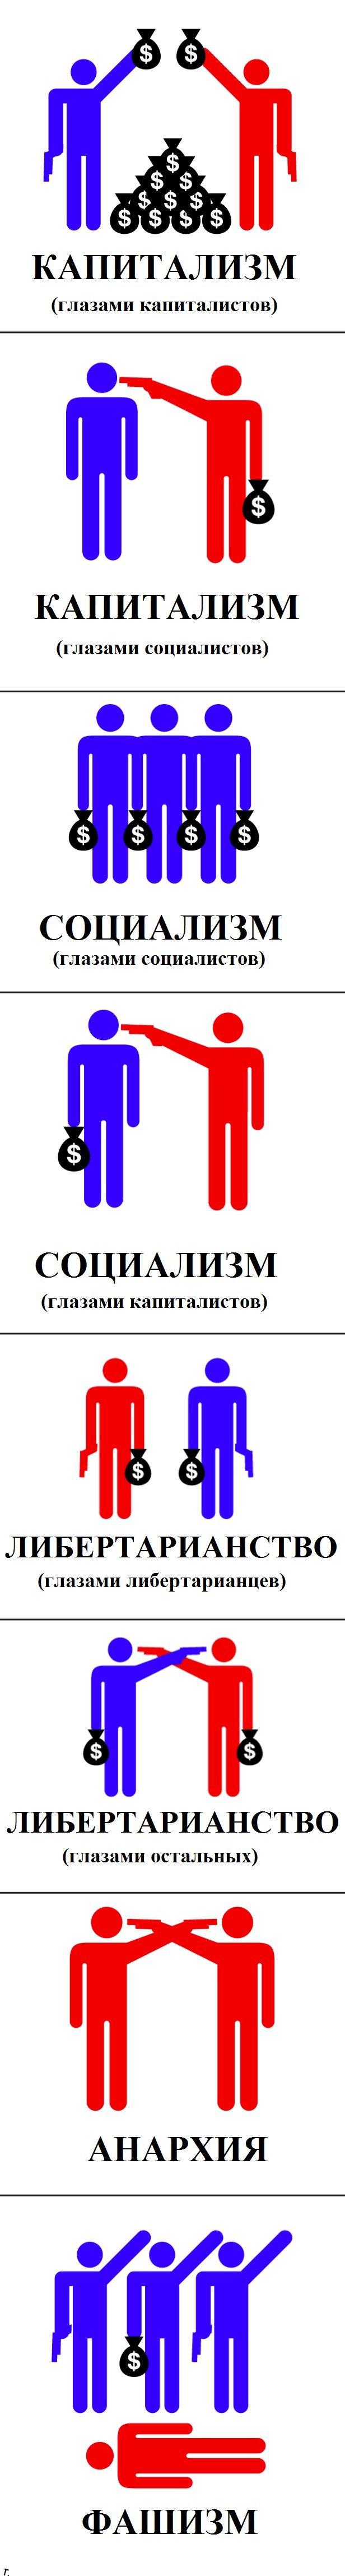 Различные виды экономического и политического устройства (8 картинок)